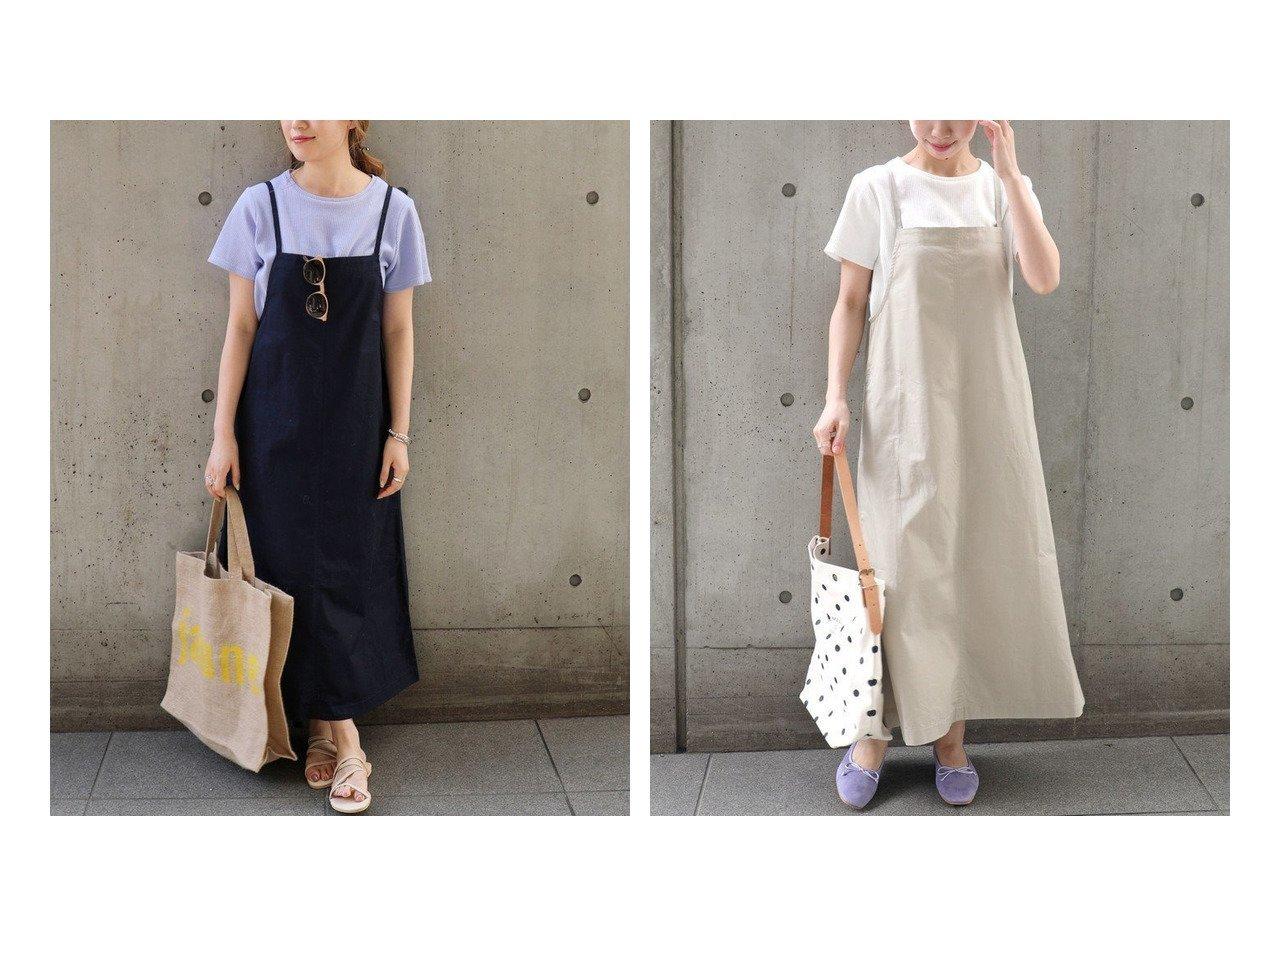 【SHIPS any/シップス エニィ】のSHIPS any TEEセット ジャンパースカート 【ワンピース・ドレス】おすすめ!人気、トレンド・レディースファッションの通販 おすすめで人気の流行・トレンド、ファッションの通販商品 インテリア・家具・メンズファッション・キッズファッション・レディースファッション・服の通販 founy(ファニー) https://founy.com/ ファッション Fashion レディースファッション WOMEN スカート Skirt インナー コンパクト スリット ヘリンボーン 半袖 ワッフル 再入荷 Restock/Back in Stock/Re Arrival |ID:crp329100000043406